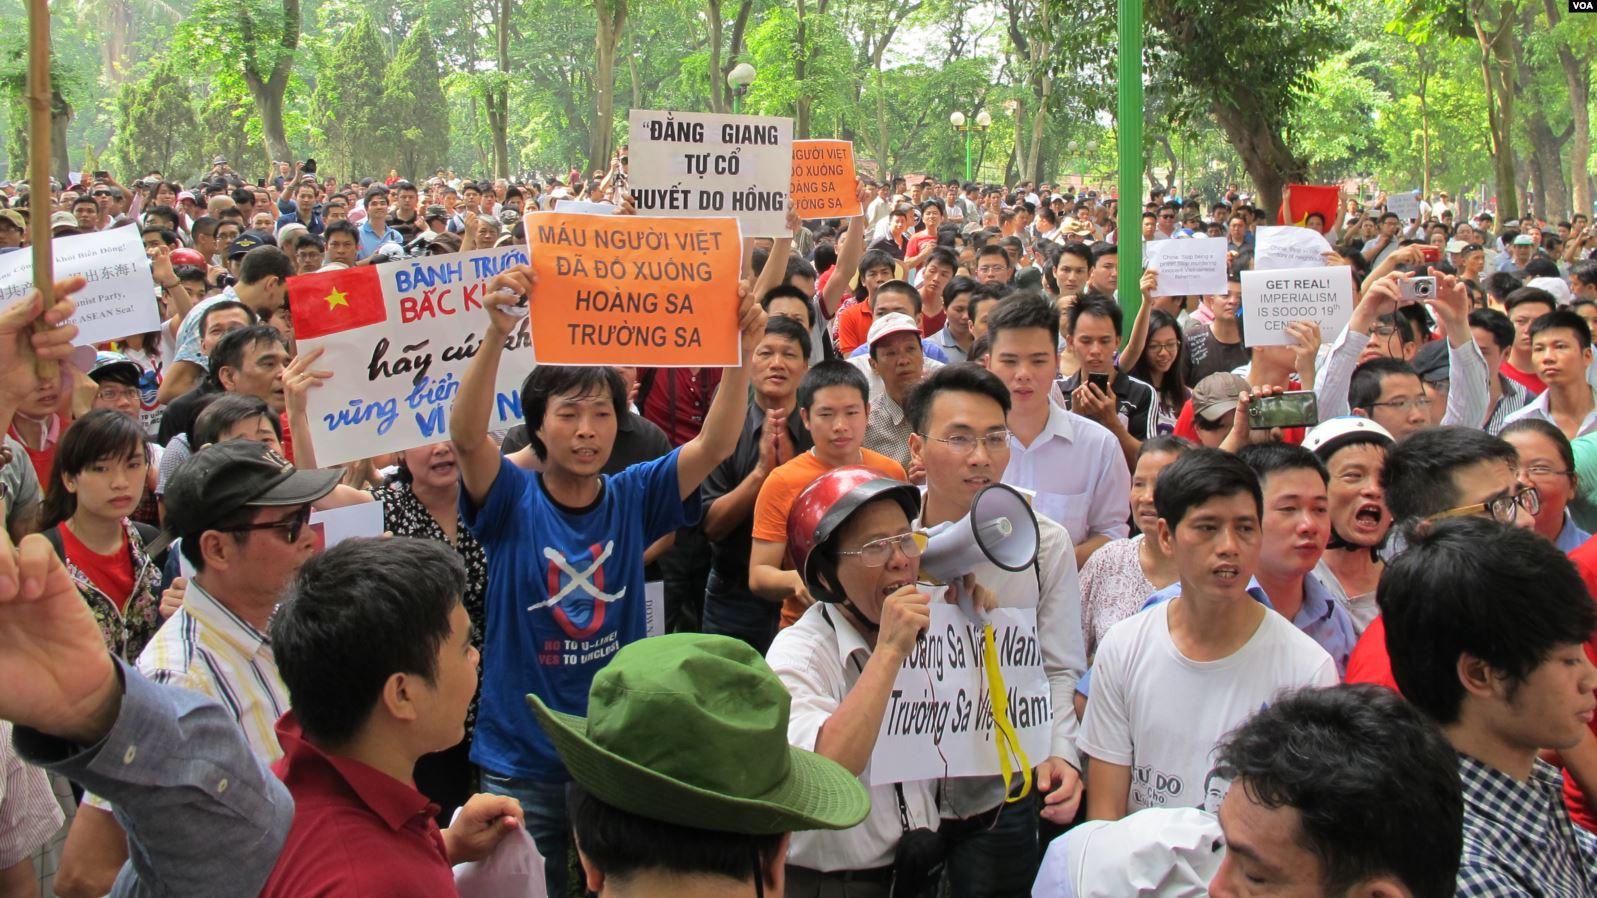 Kết quả hình ảnh cho Biểu tình chống Trung Quốc